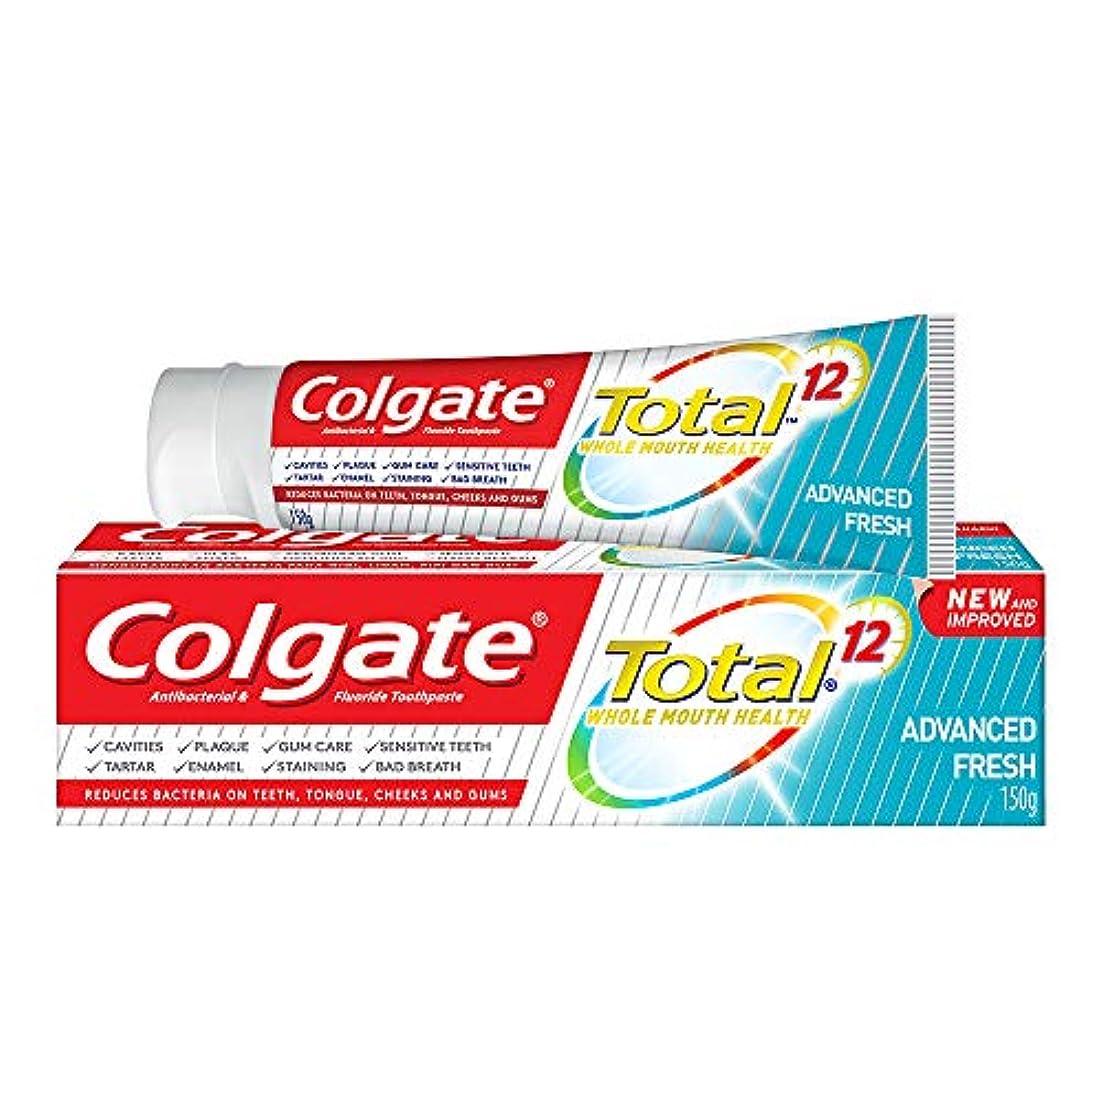 見積りアルファベット順発掘Colgate コルゲート トータル トゥースペースト 150g (歯磨き粉) 【歯磨き粉、虫歯予防、アメリカン雑貨】